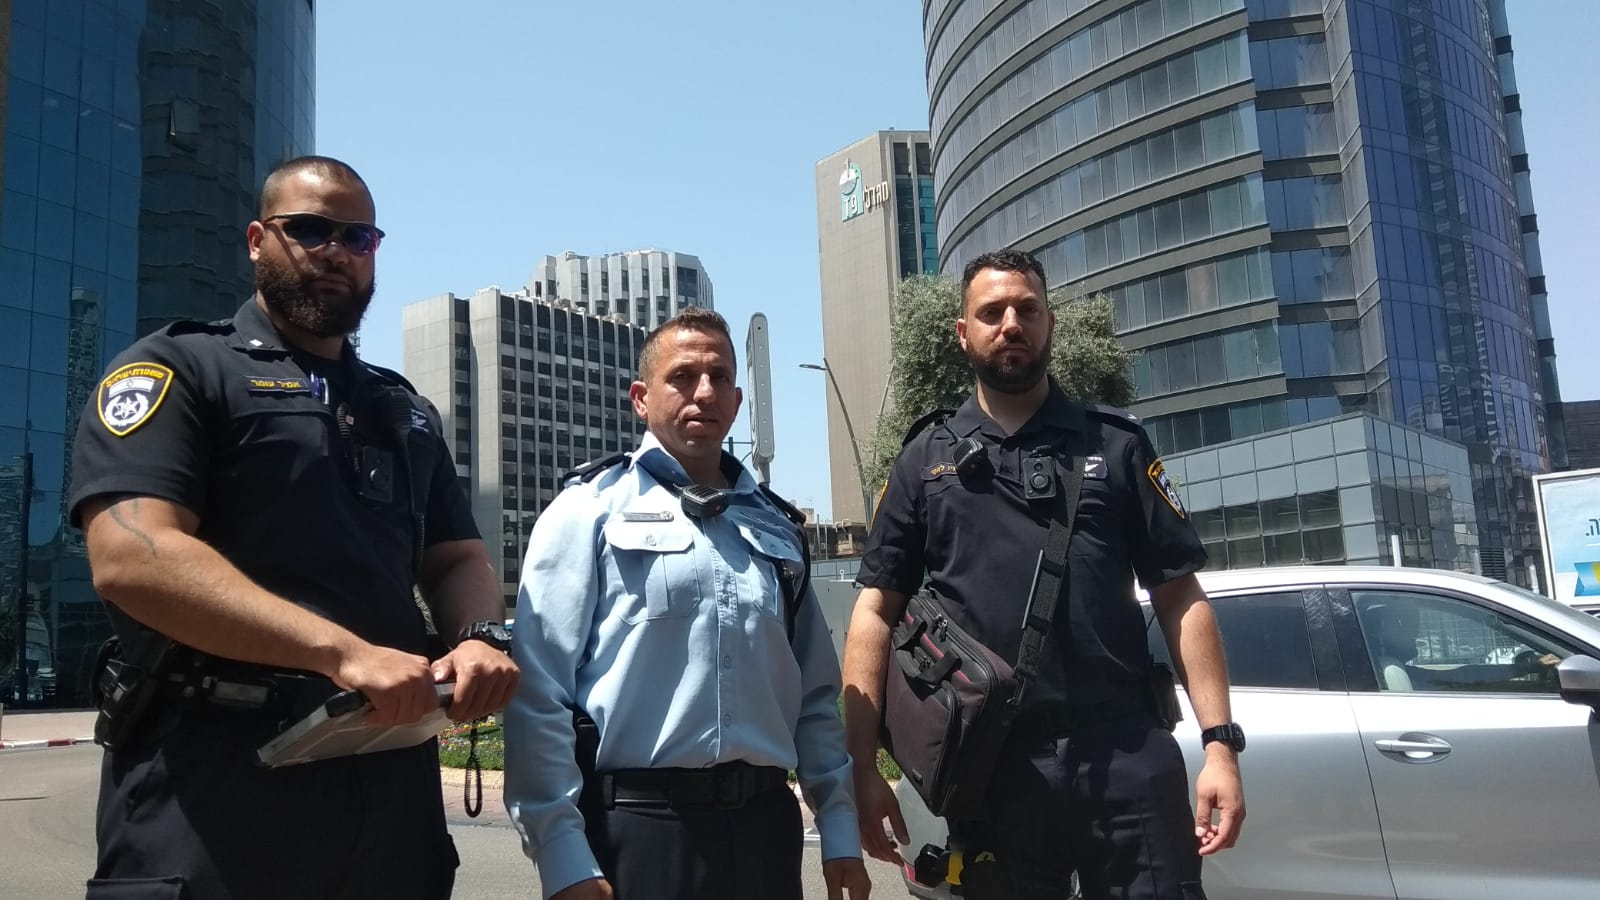 משטרת הבורסה